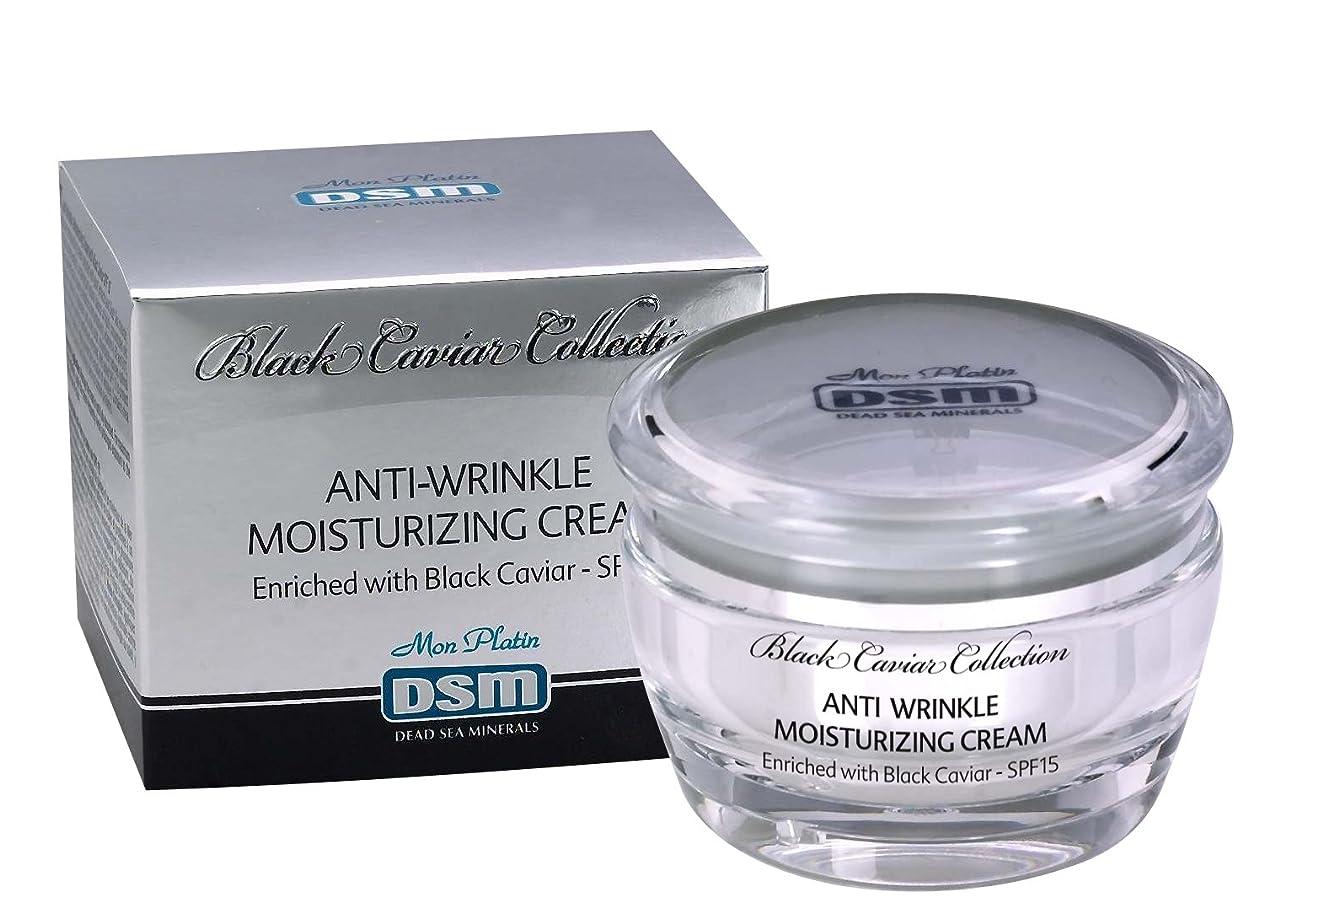 胸伝染性の混沌皺取りしっとり湿潤クリーム 黒キャビア SPF15 死海ミネラル50mL Mon Platin 全皮膚タイプ ミネラル お顔 (Anti-Wrinkle Moisturizing Cream with Black Caviar SPF 15)